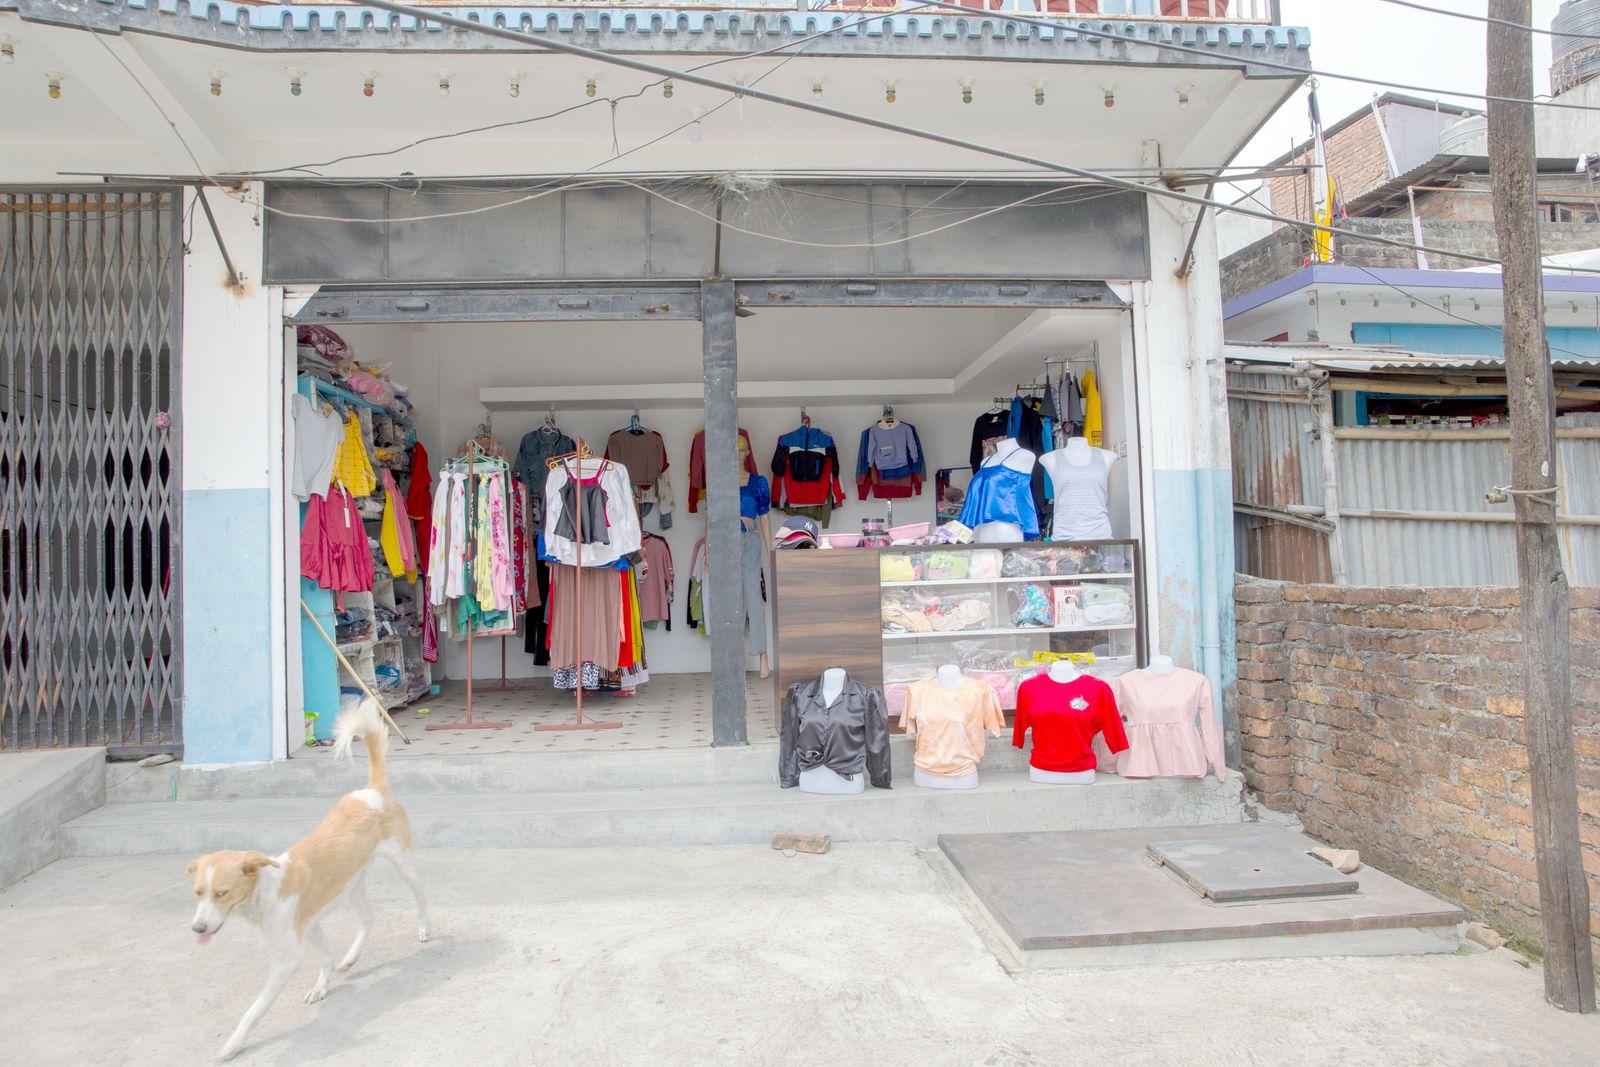 The garment shop.